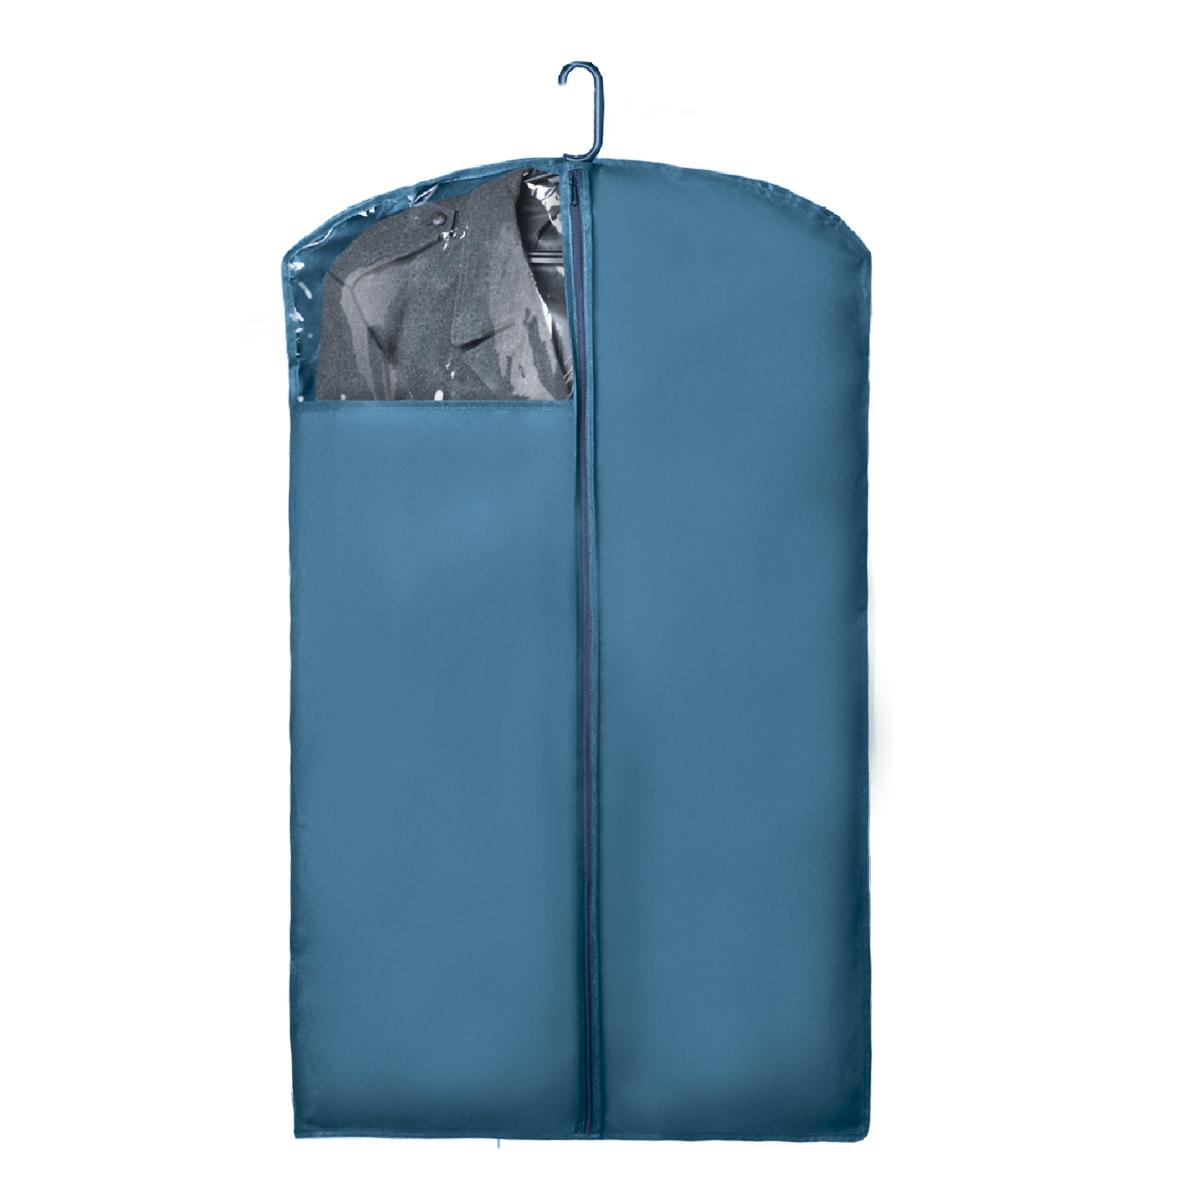 Чехол для верхней одежды Miolla, с окошком, цвет: голубой, 100 х 60 см25051 7_желтыйЧехол для верхней одежды Miolla на застежке-молнии выполнен из высококачественного нетканого материала. Прозрачное полиэтиленовое окошко позволяет видеть содержимое чехла. Подходит для длительного хранения вещей.Чехол обеспечивает вашей одежде надежную защиту от влажности, повреждений и грязи при транспортировке, от запыления при хранении и проникновения моли. Чехол обладает водоотталкивающими свойствами, а также позволяет воздуху свободно поступать внутрь вещей, обеспечивая их кондиционирование. Это особенно важно при хранении кожаных и меховых изделий.Размер чехла: 100 х 60 см.